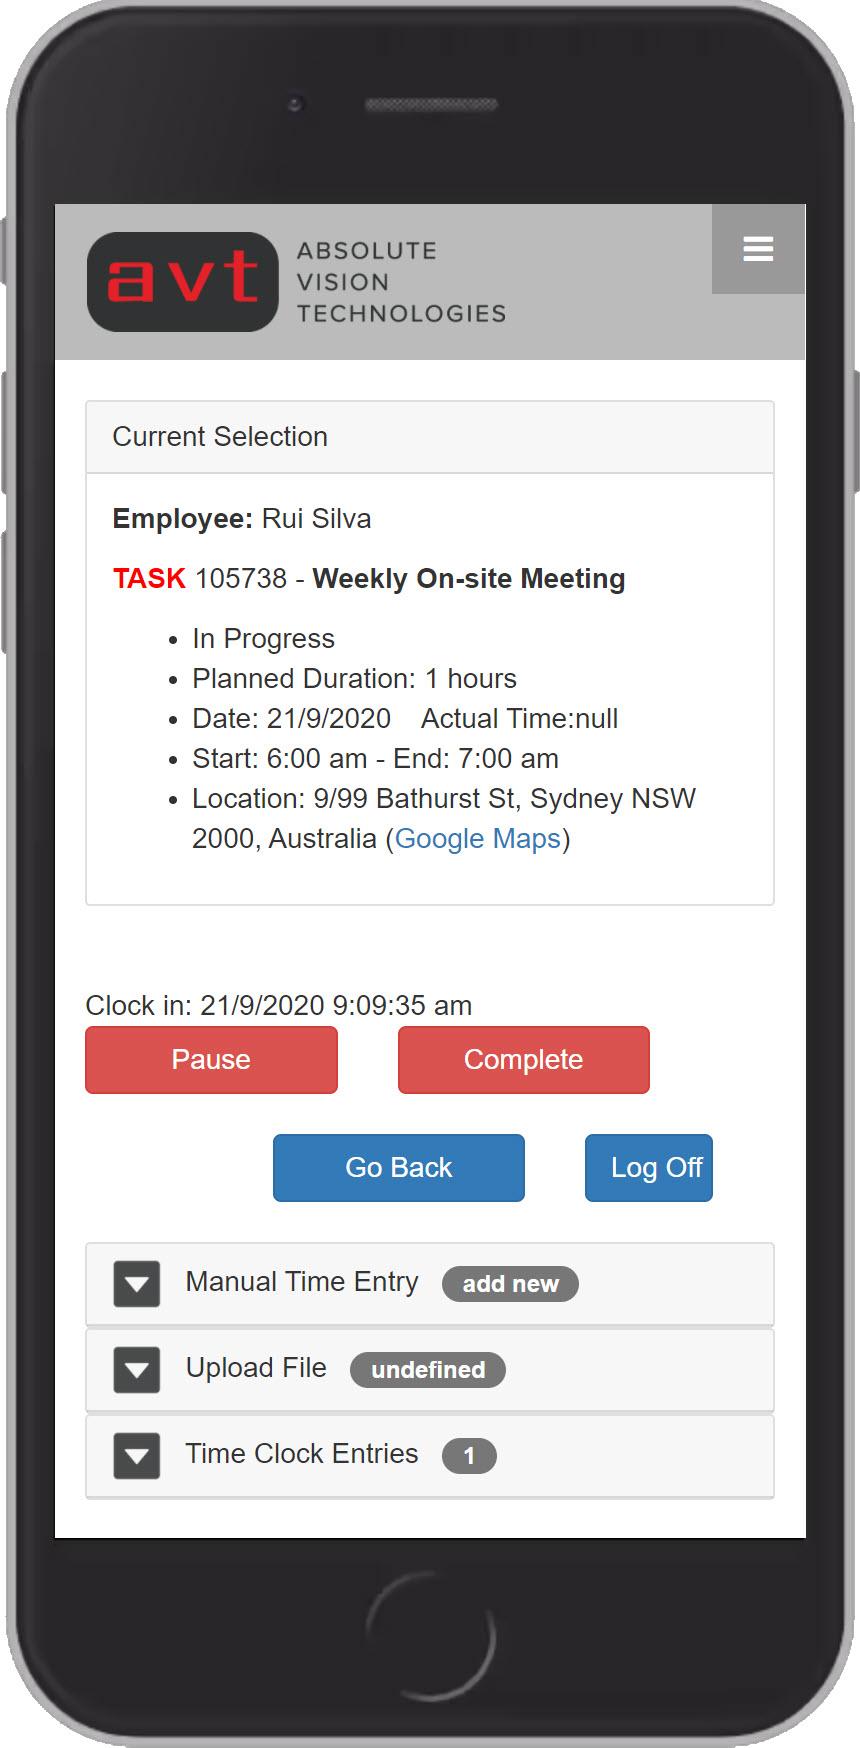 AVT Time tracking suiteApp